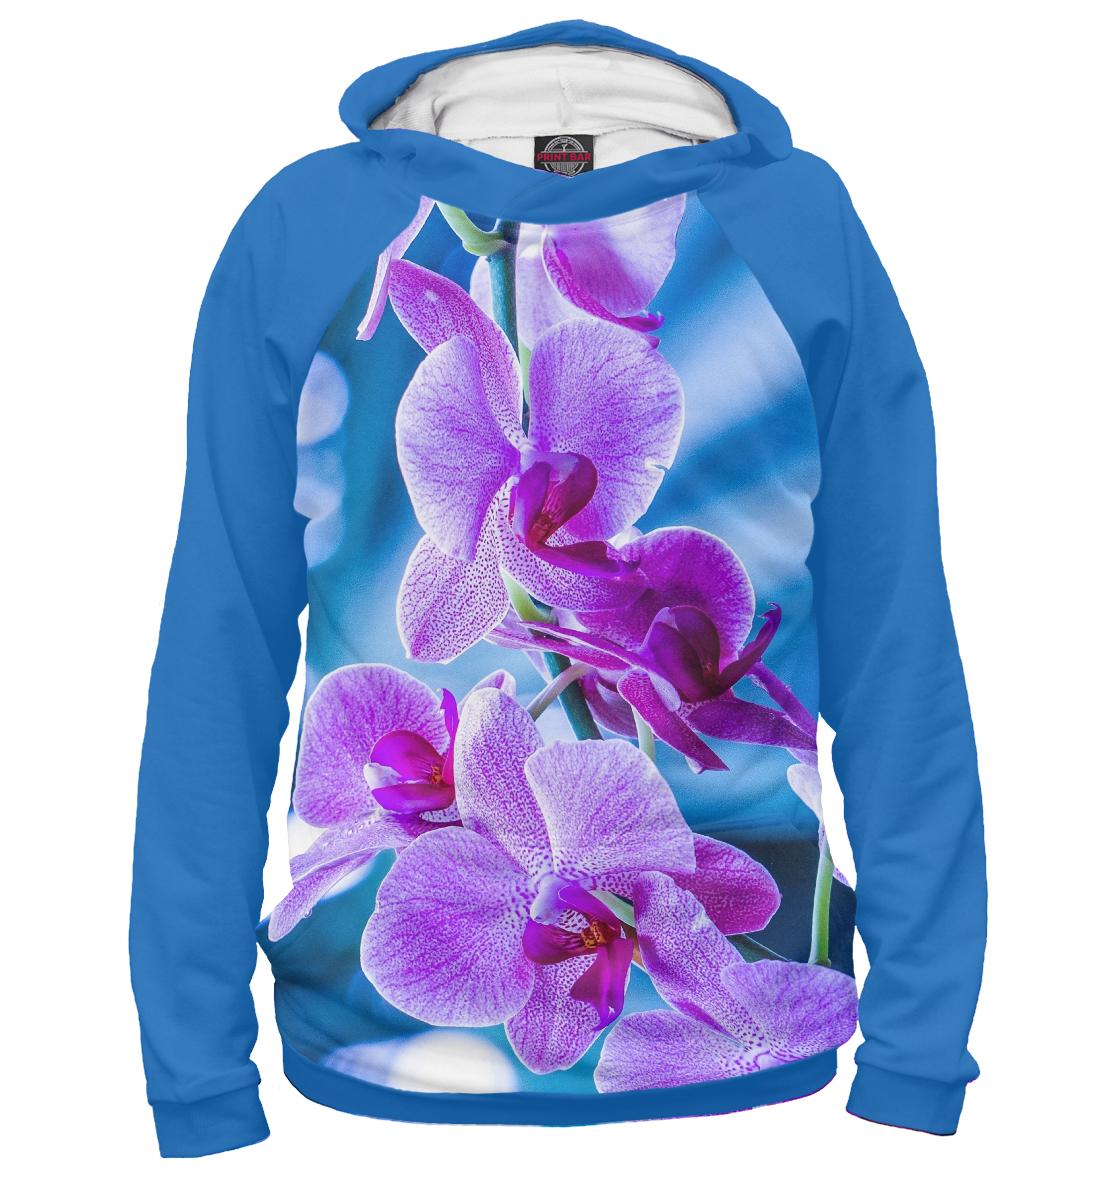 Купить Орхидея, Printbar, Худи, CVE-398624-hud-2